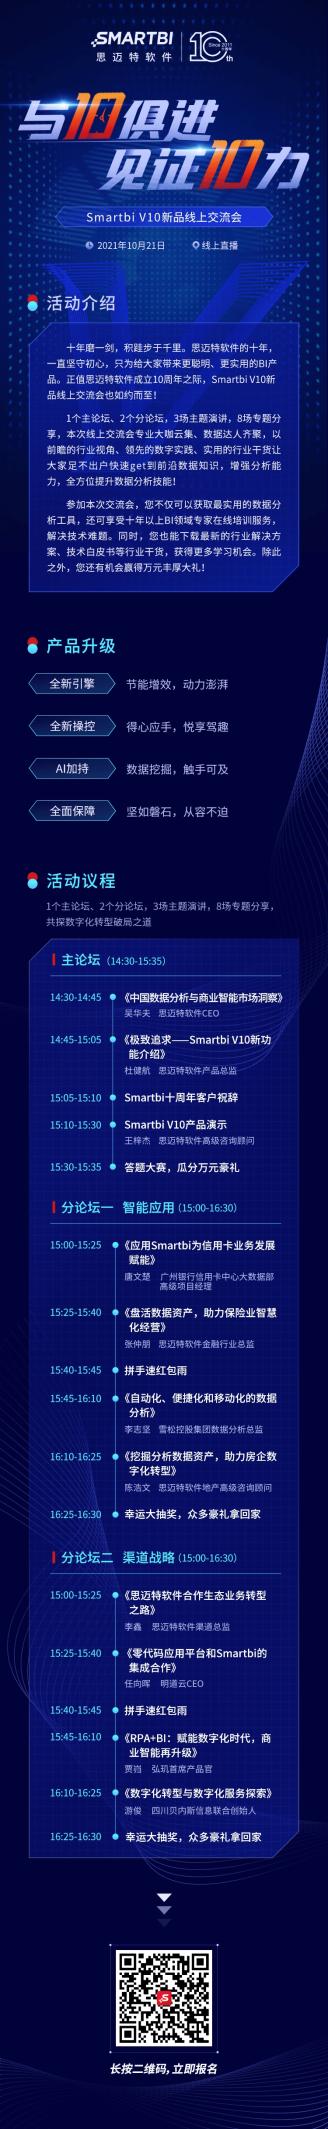 来了!10月21日,Smartbi V10新品线上交流会,诚邀您的参与!